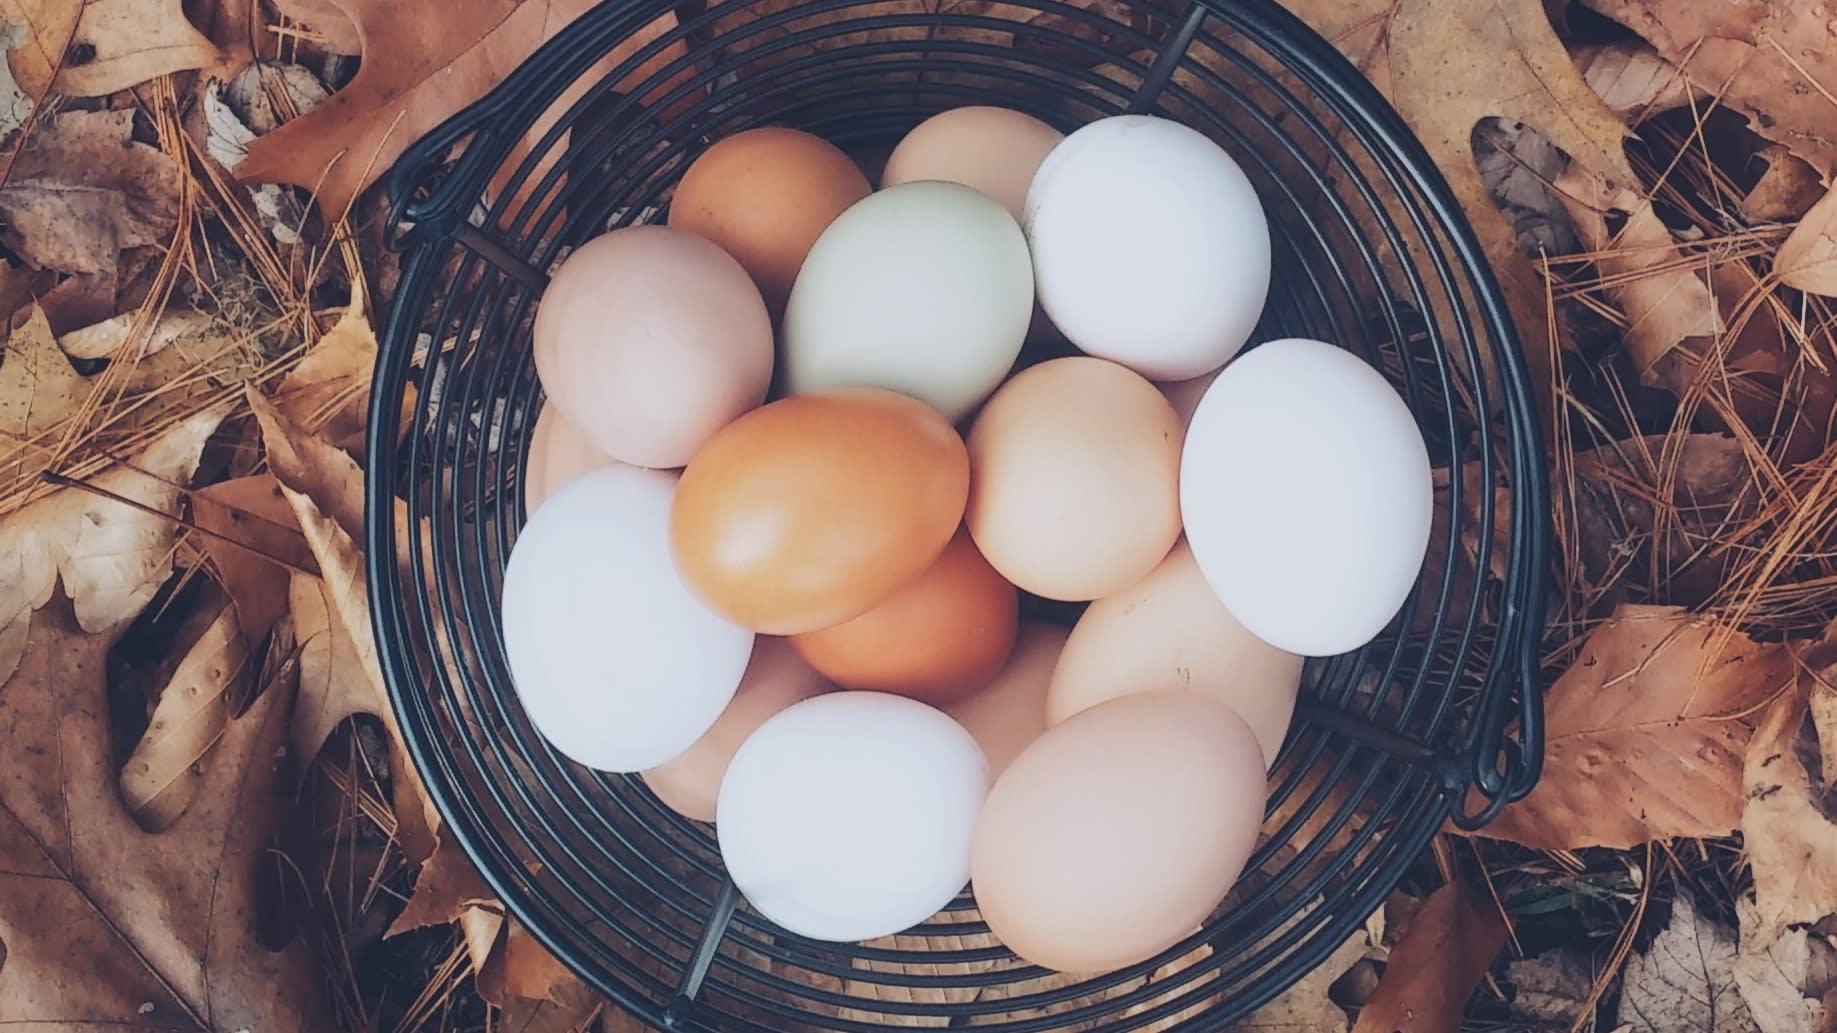 hur mycket kolesterol innehåller ägg